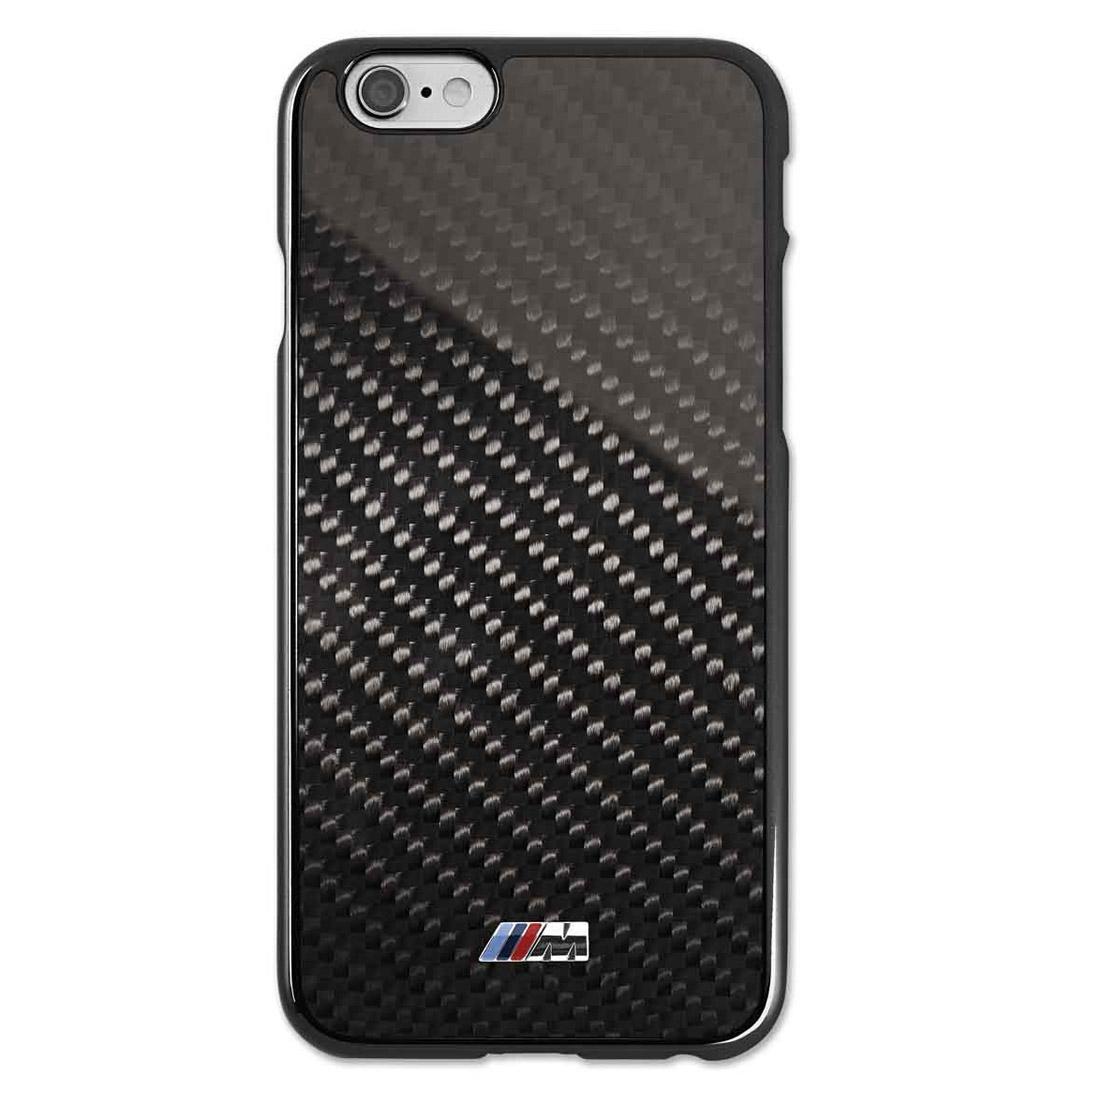 ShopBMWUSA.com: BMW M MOBILE CARBON FIBER PHONE CASE